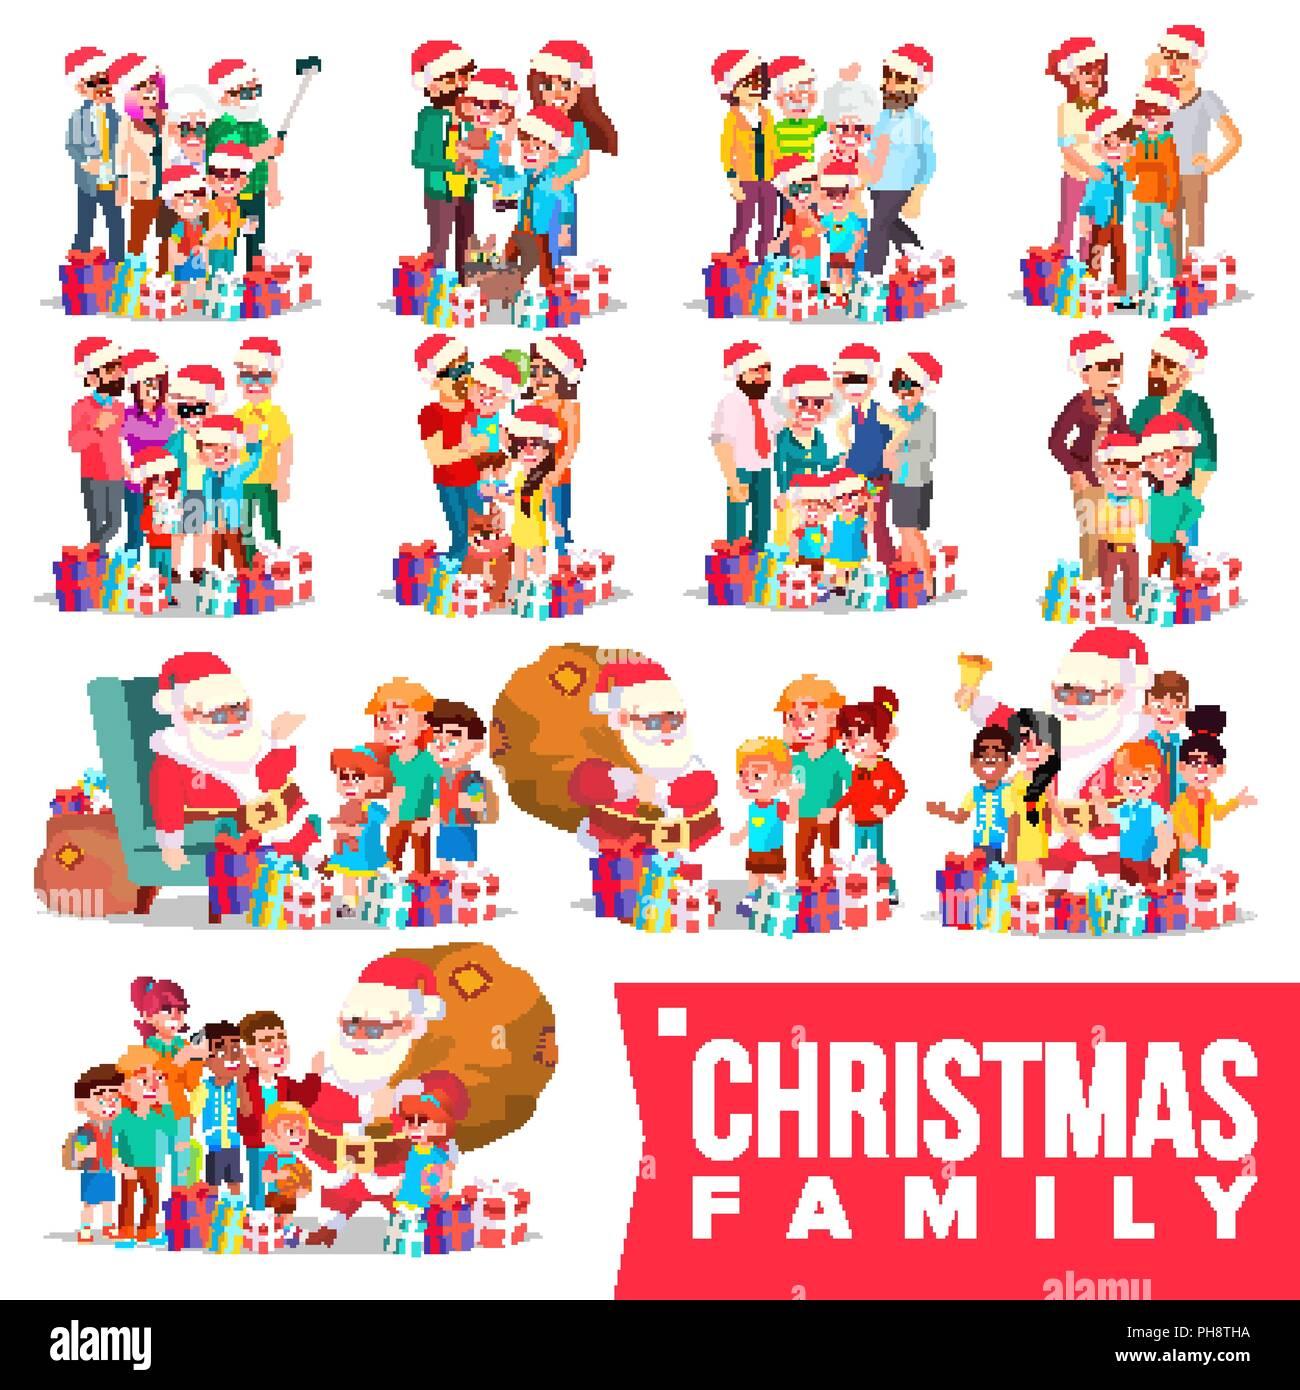 Eltern Geschenke Weihnachten.Weihnachten Familie Portrait Set Vektor Volle Glückliche Familie